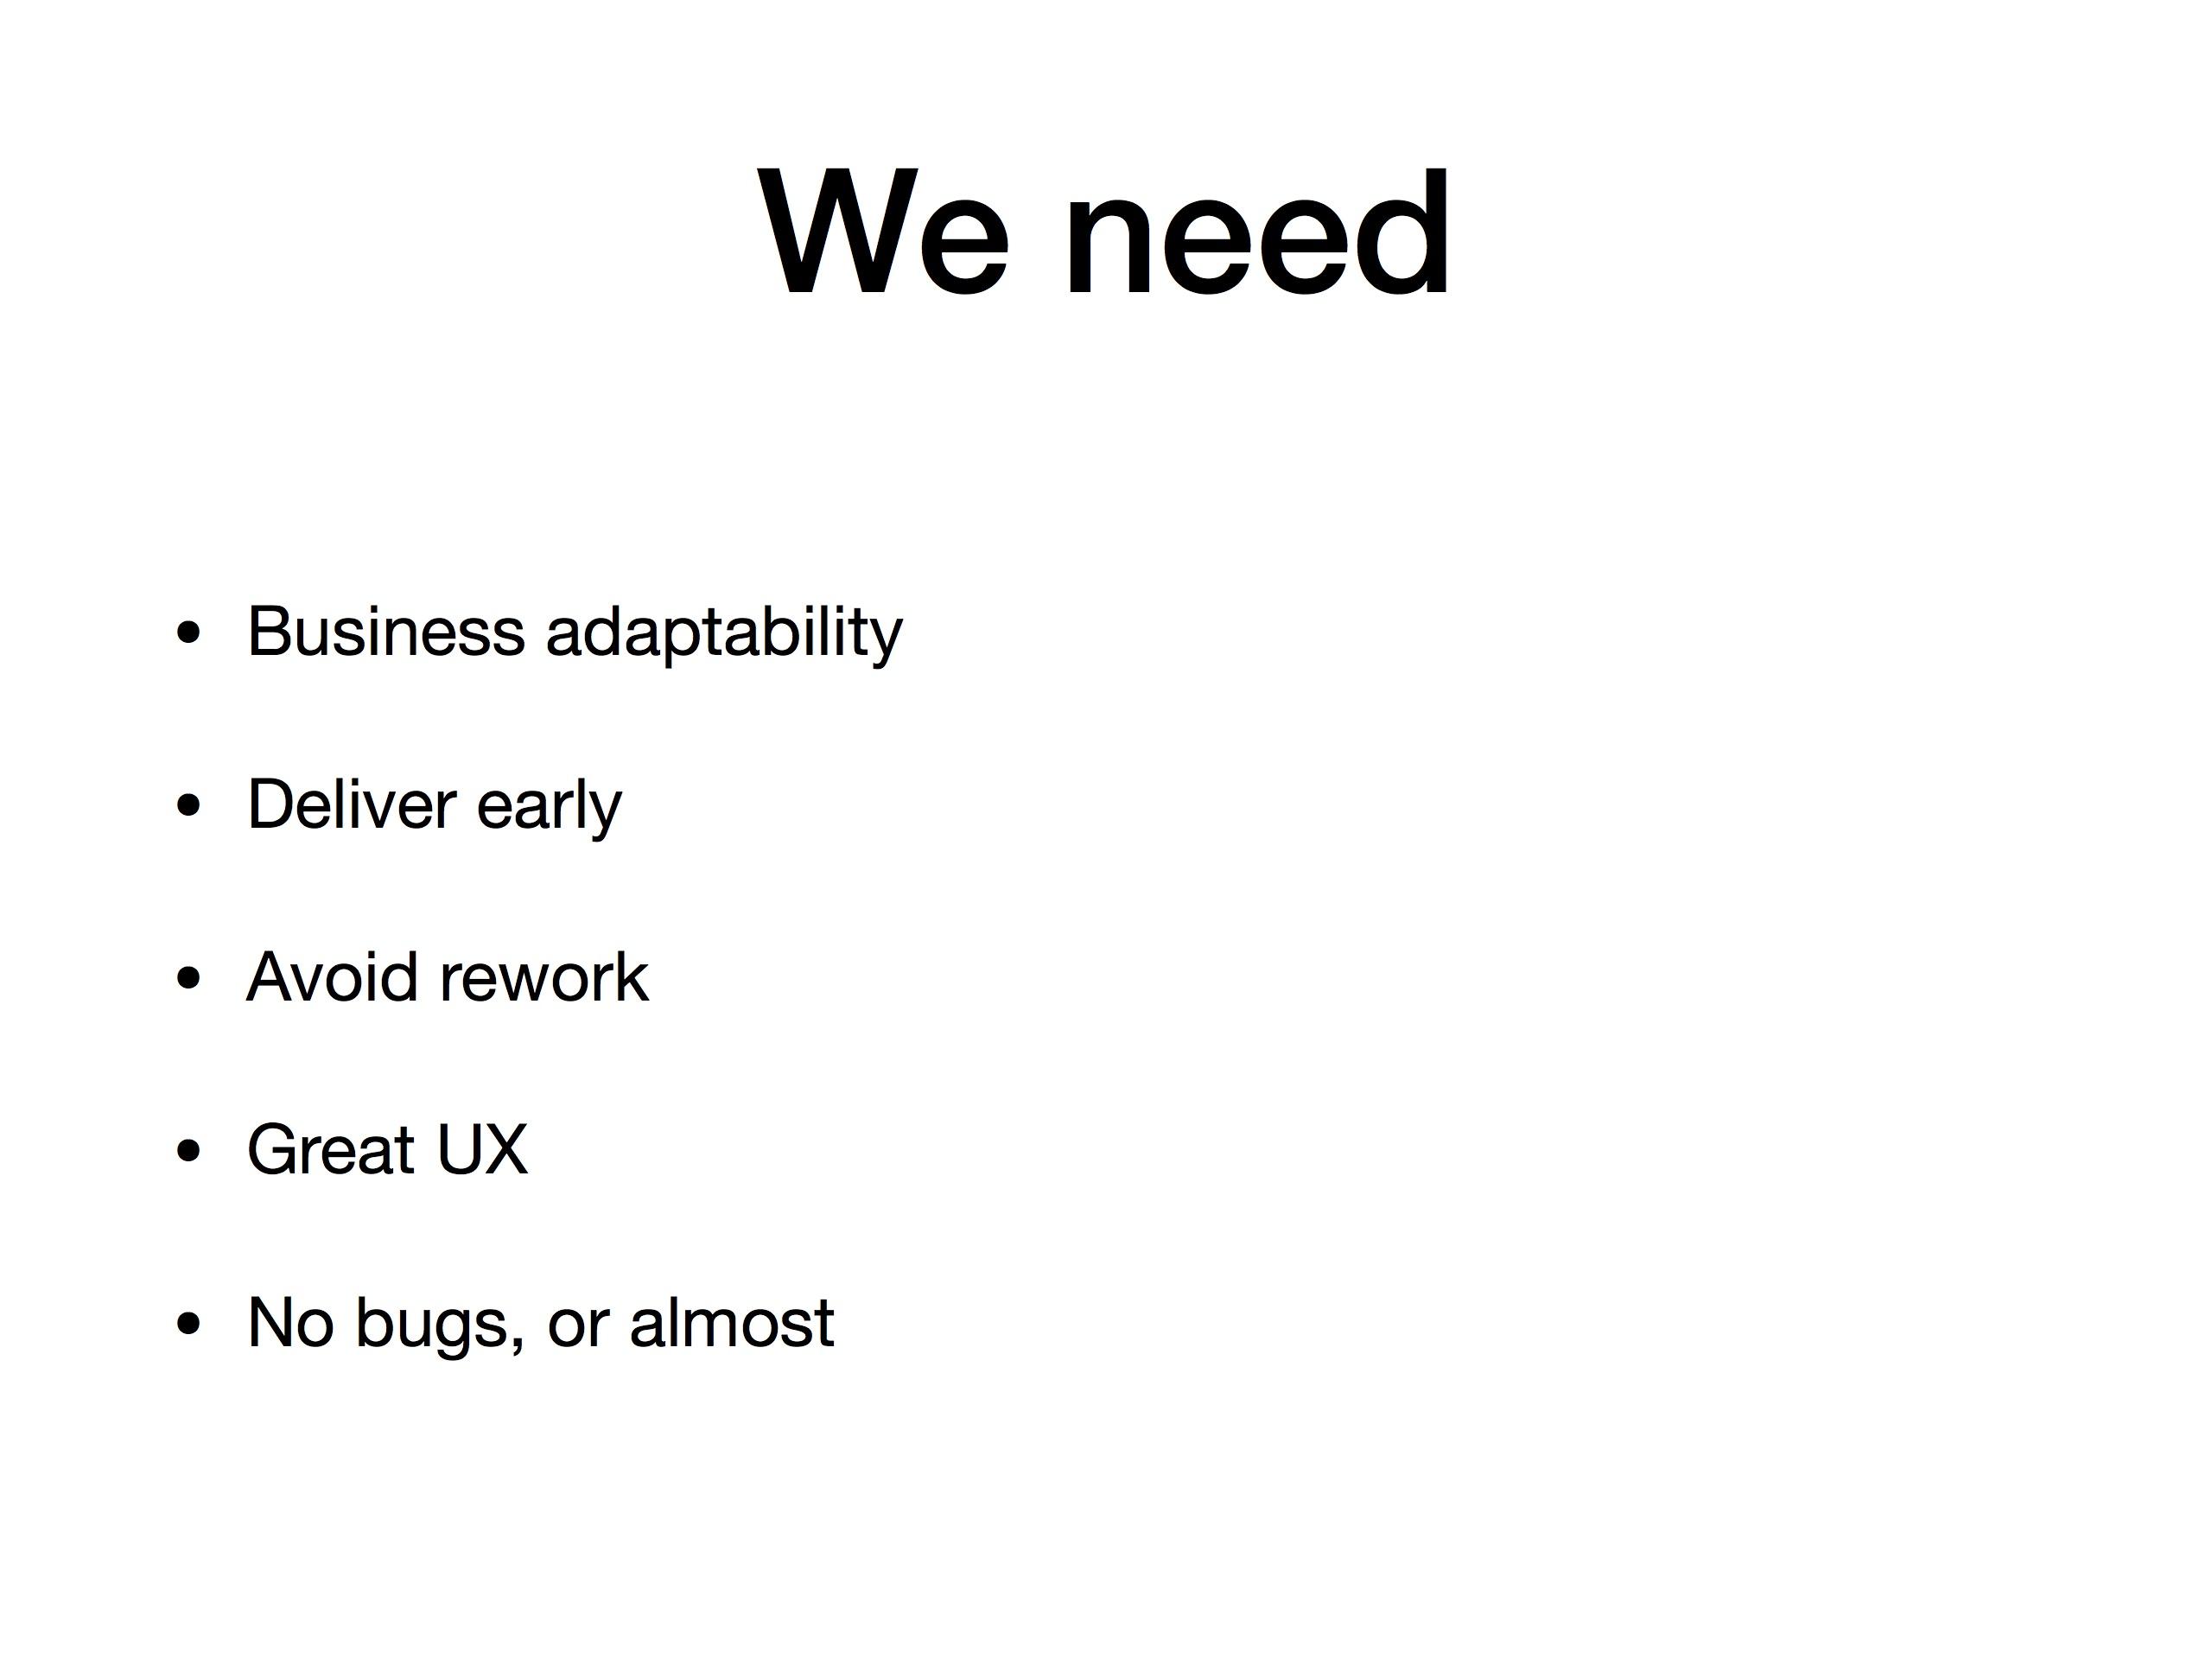 Glisați o prezentare cu Viziunea a ceea ce, ca o echipă ar trebui să fie acoperită: Adaptabilitate în ceea ce privește afacerea, livrarea în curând, evitând rework, un bun UX și evitarea bug-urilor pe cât posibil